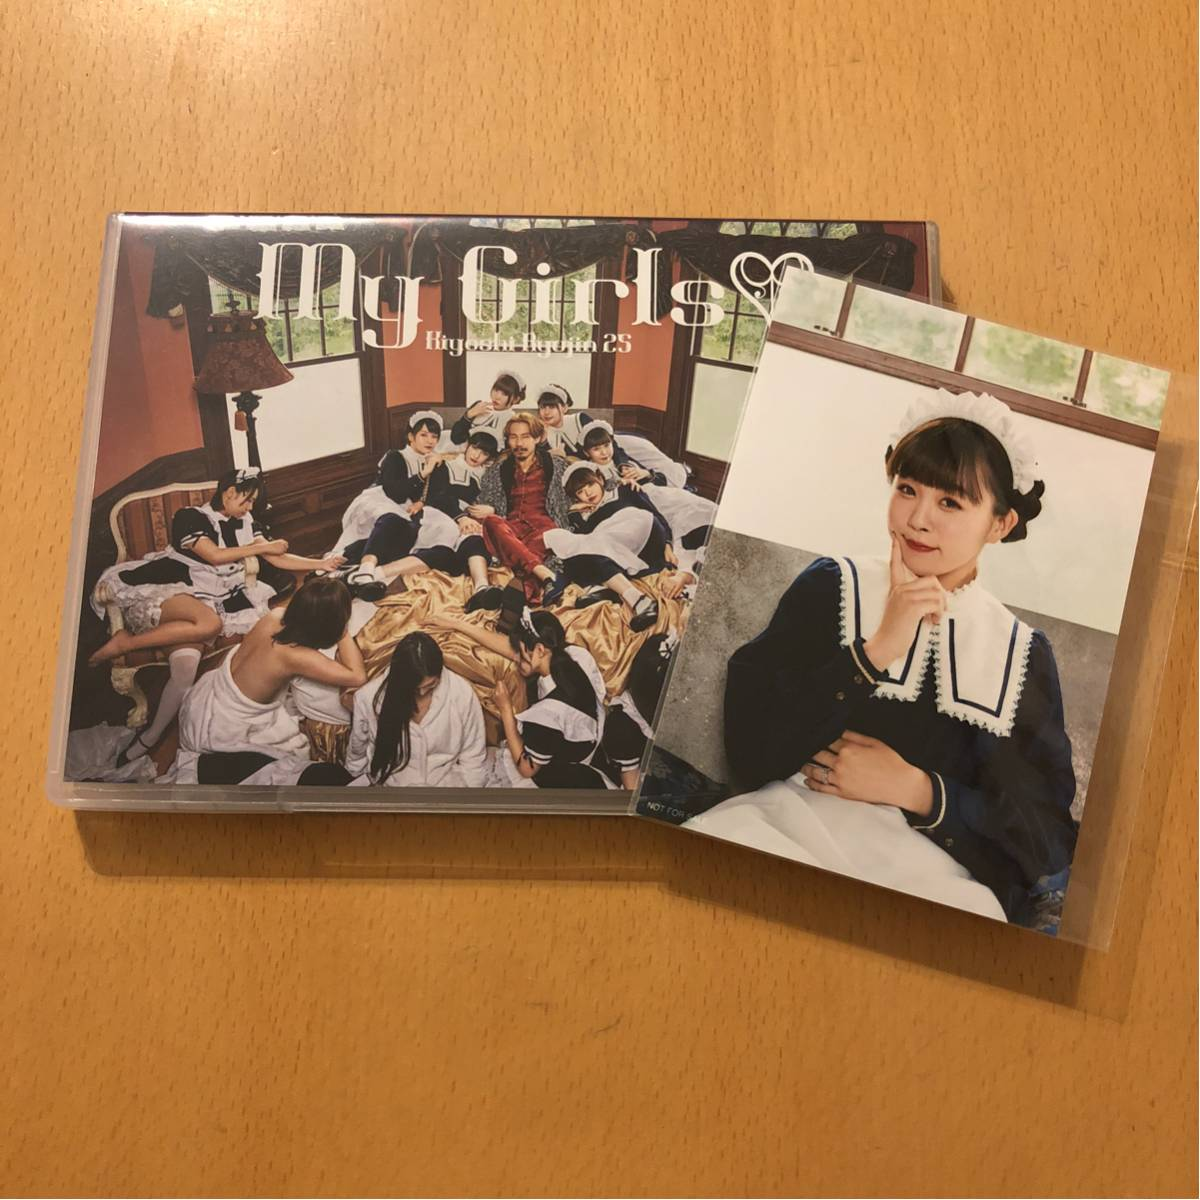 清竜人25『My Girls』初回限定盤CD+DVD☆美品☆84